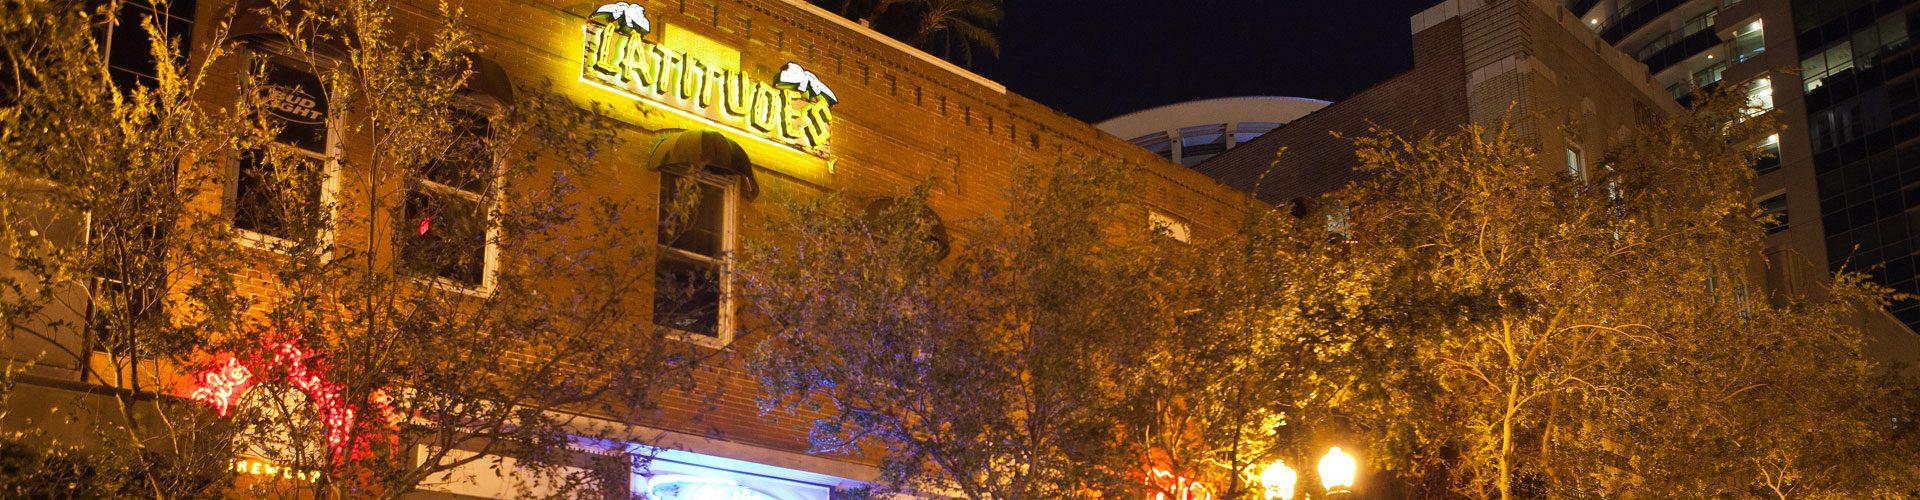 Nachtleben in Orlando, Florida